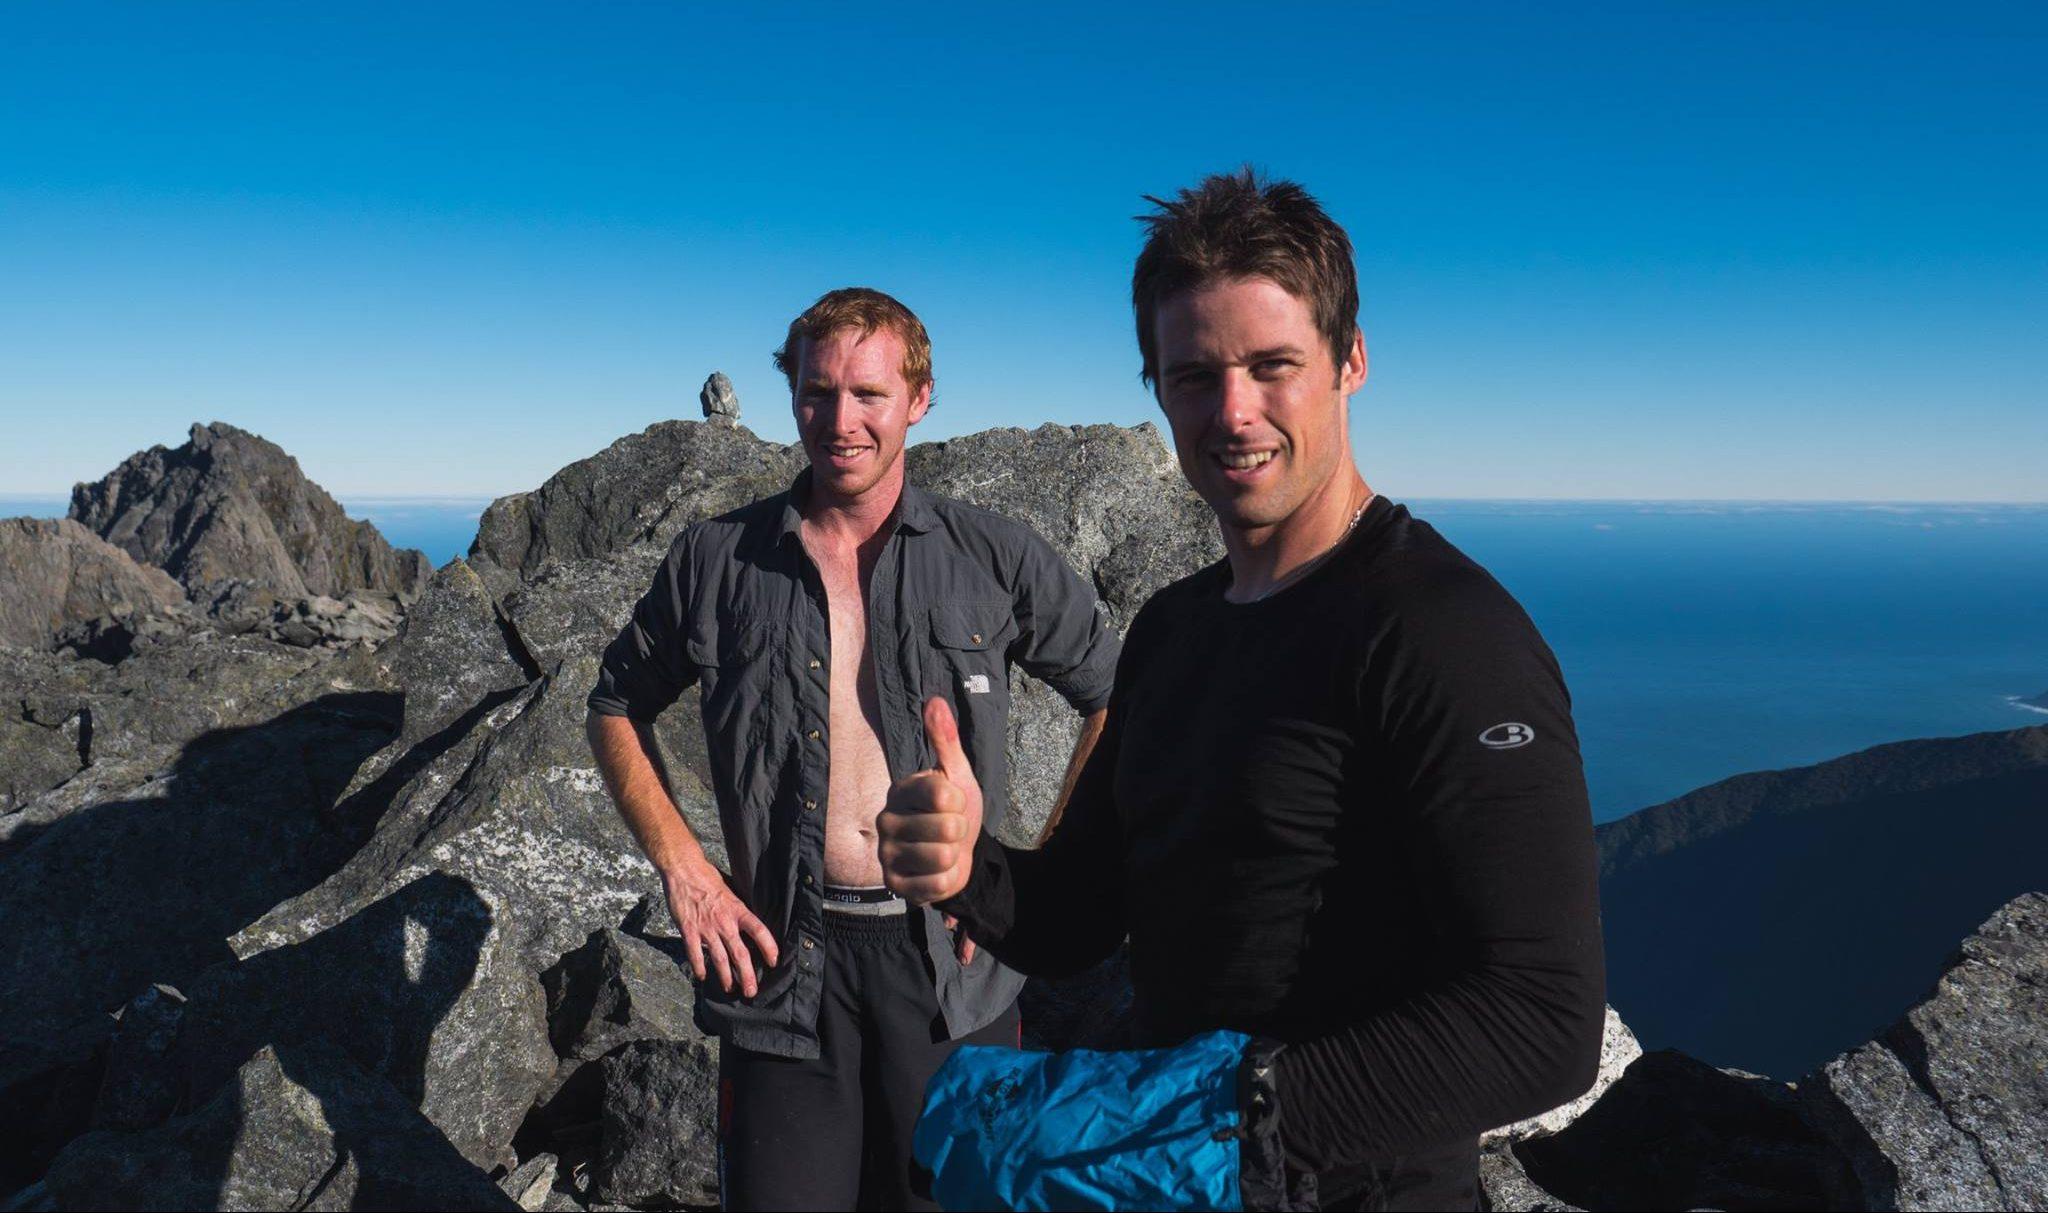 At the summit of Mitre Peak